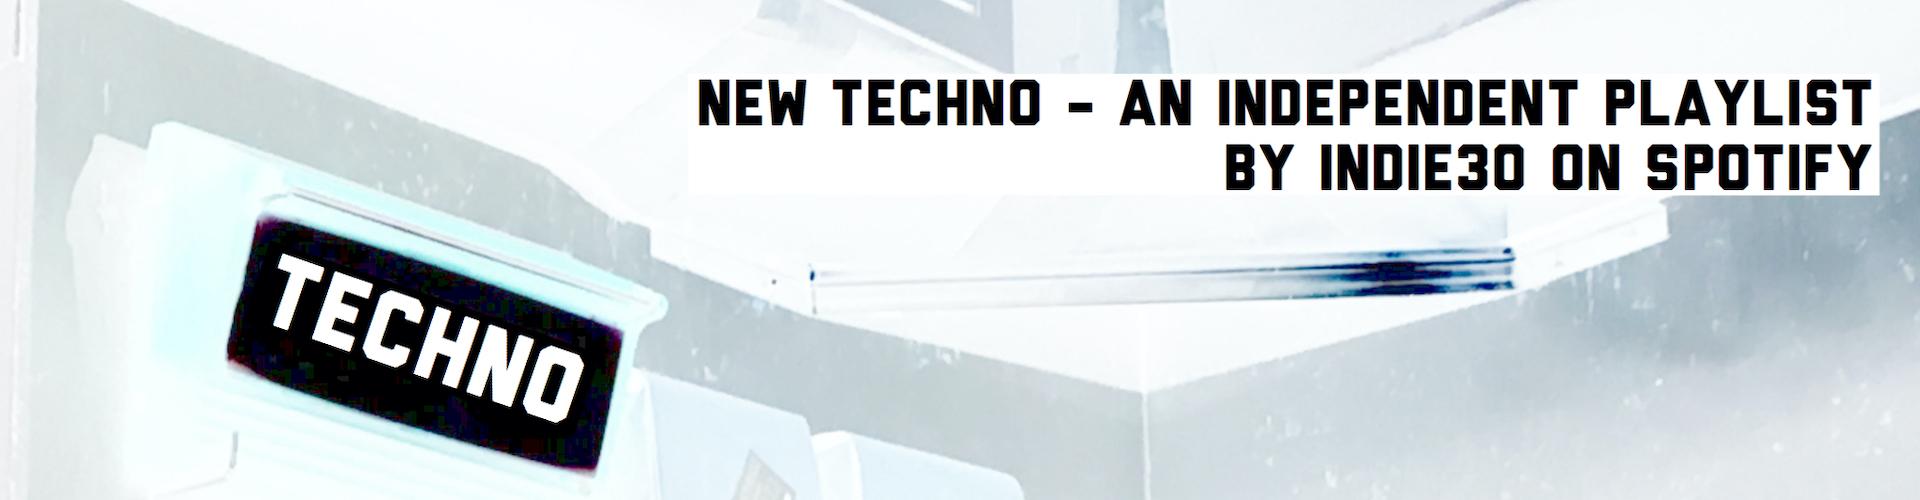 New-Techno-June-Master-copy